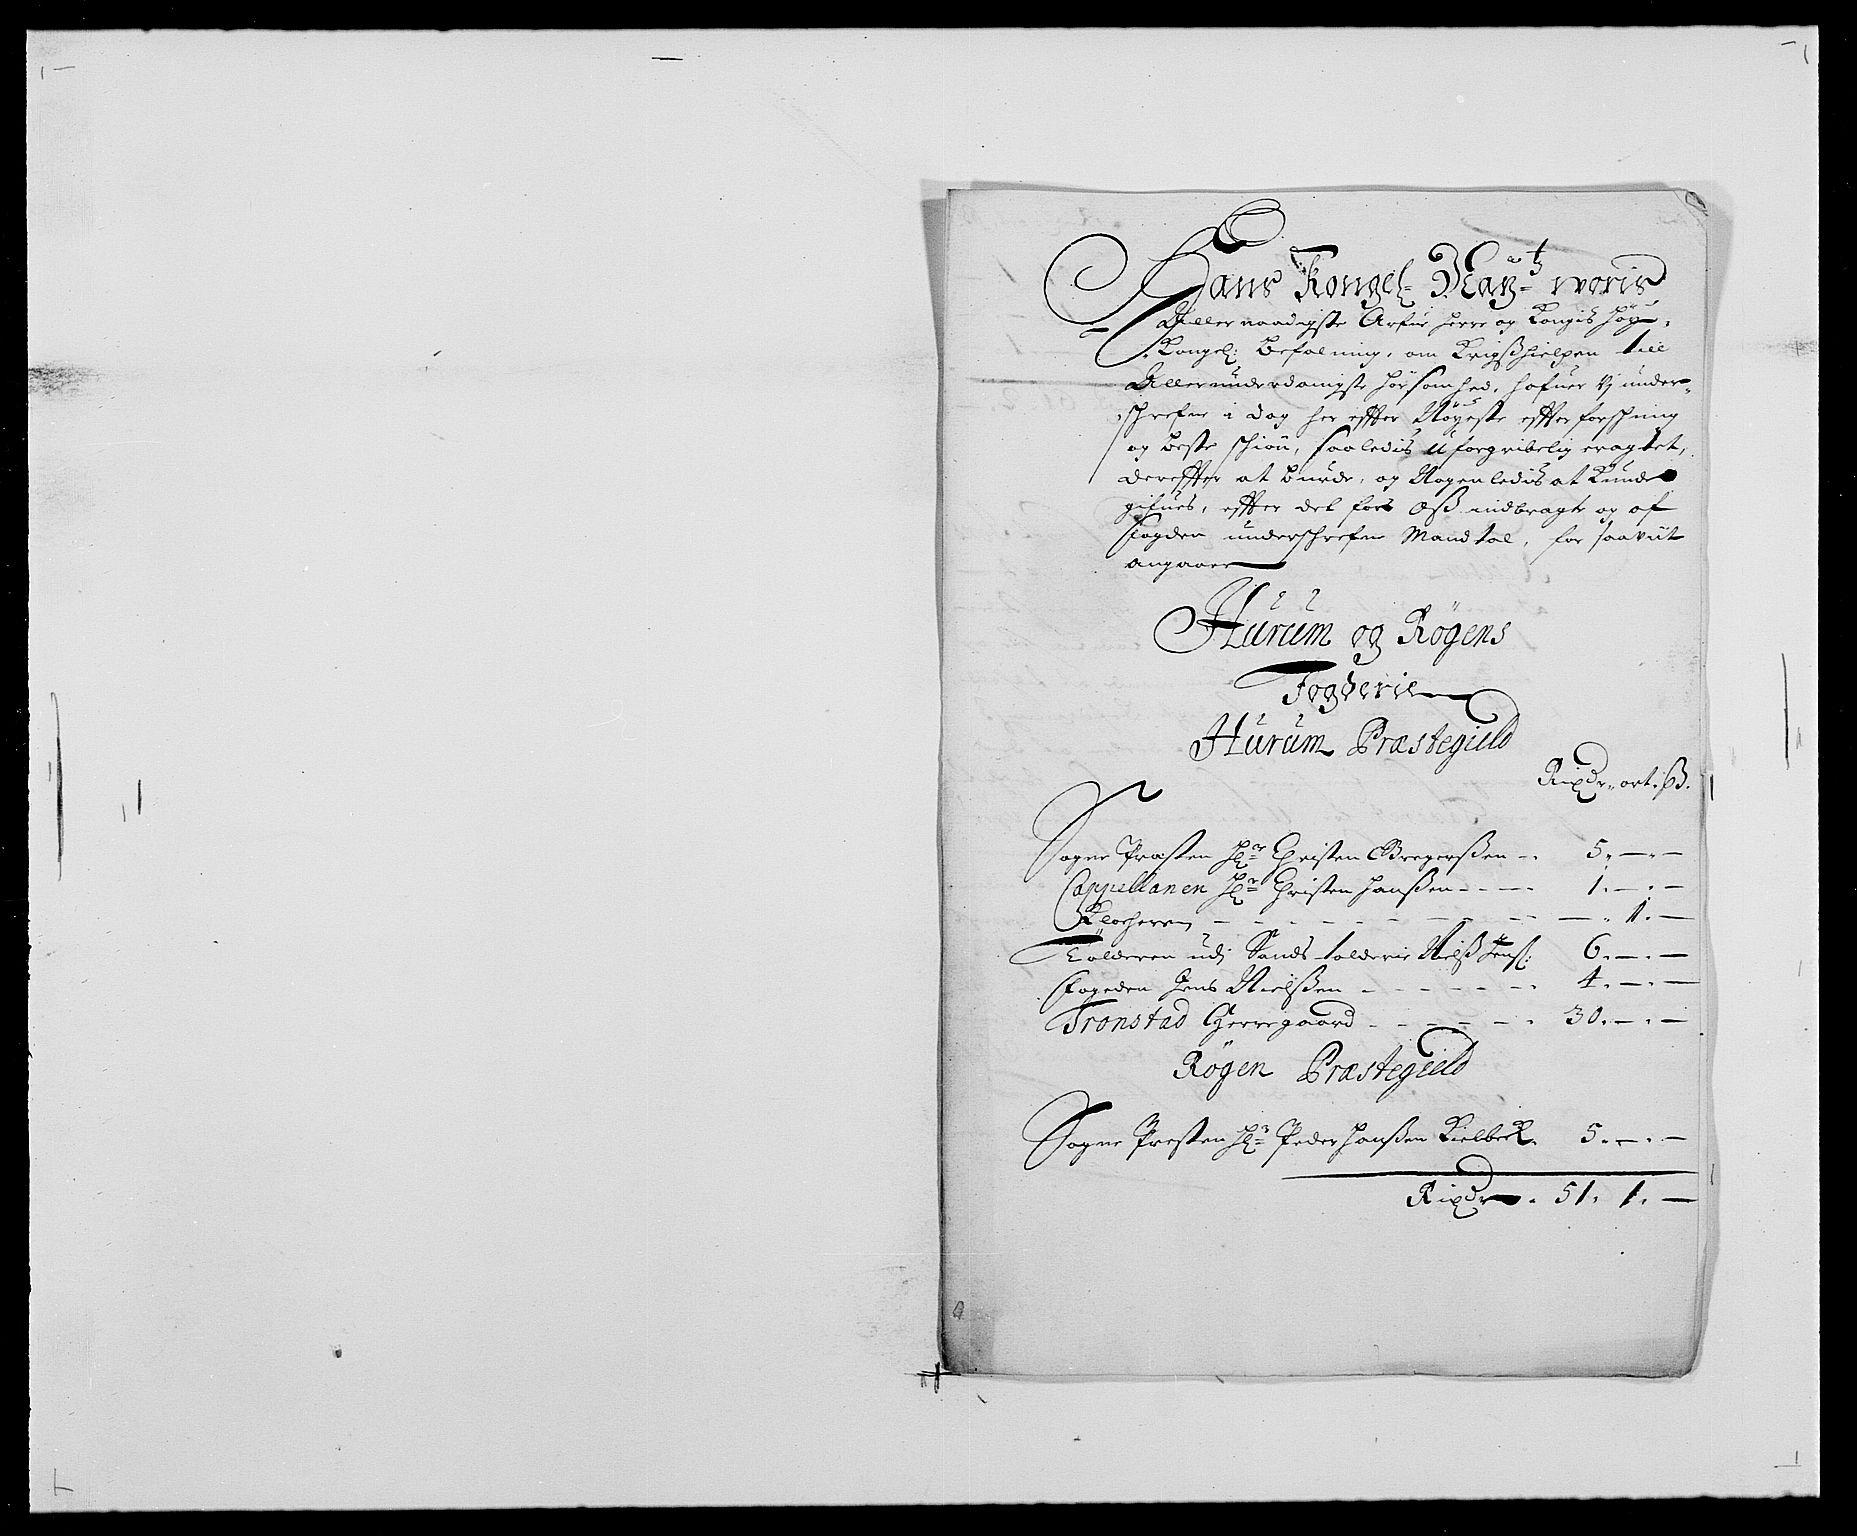 RA, Rentekammeret inntil 1814, Reviderte regnskaper, Fogderegnskap, R29/L1692: Fogderegnskap Hurum og Røyken, 1682-1687, s. 176